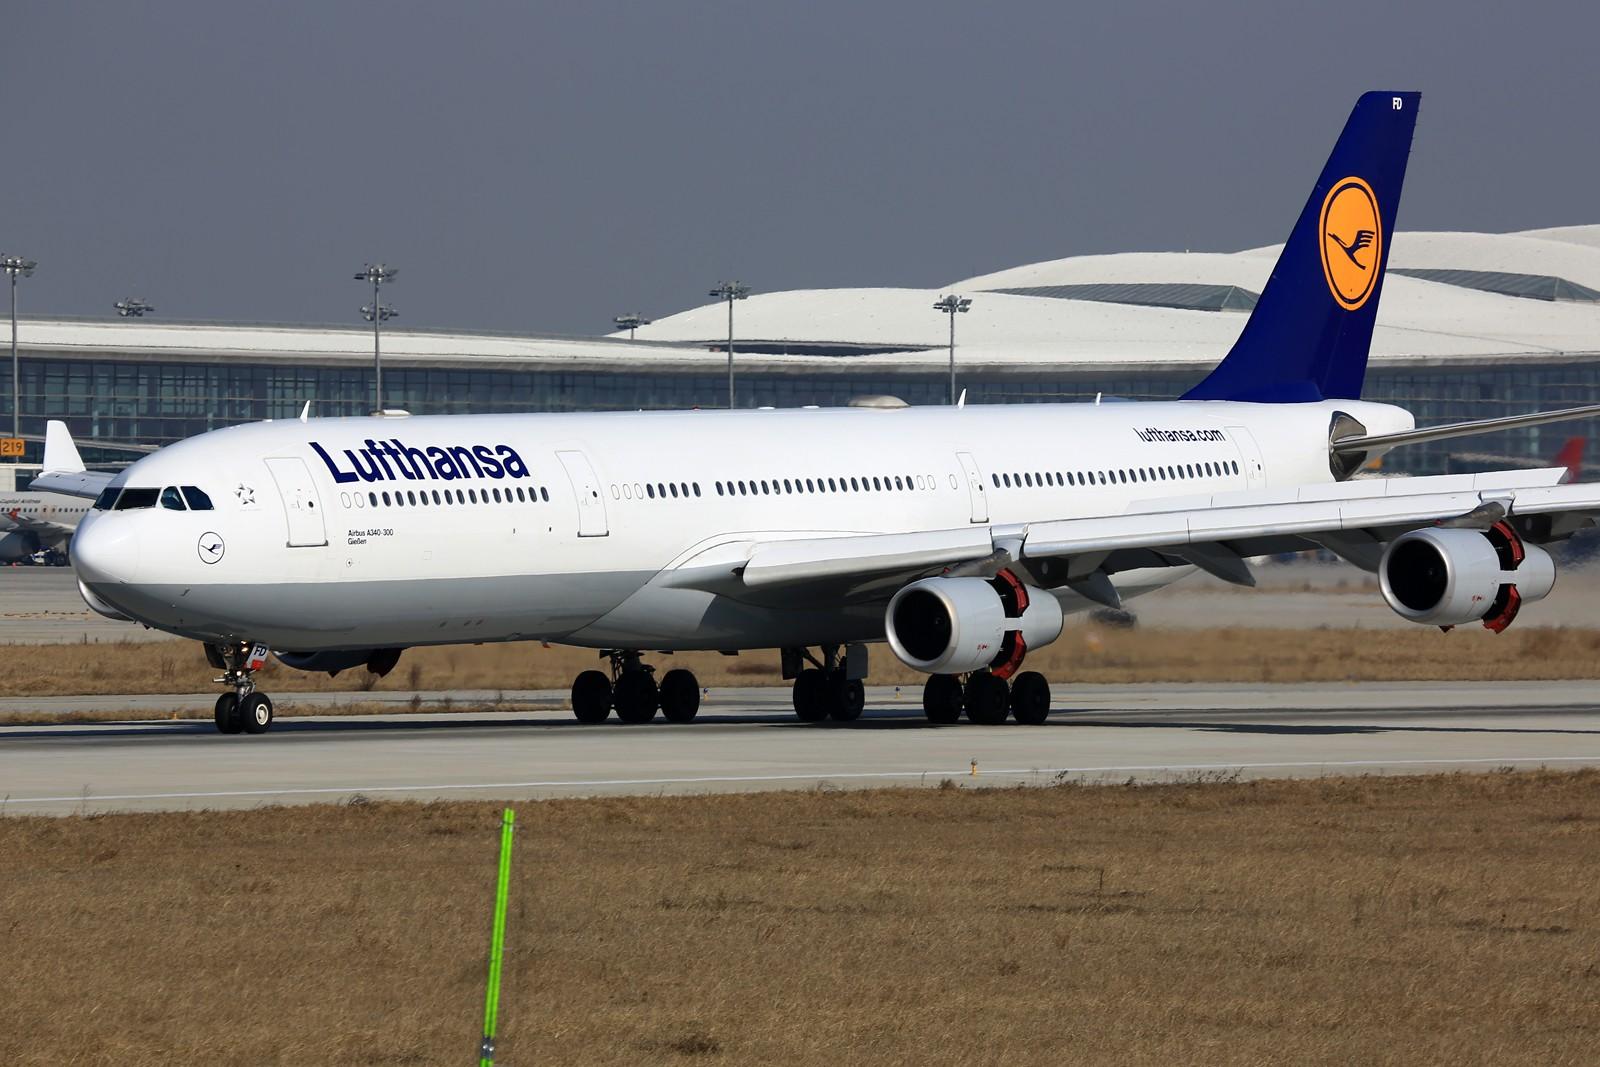 Re:【NKG】**********2015新年好!南跑25头新拍机位:华航744吉米彩绘,汉莎343,东海738********** AIRBUS A340-300 D-AIFD 中国南京禄口国际机场